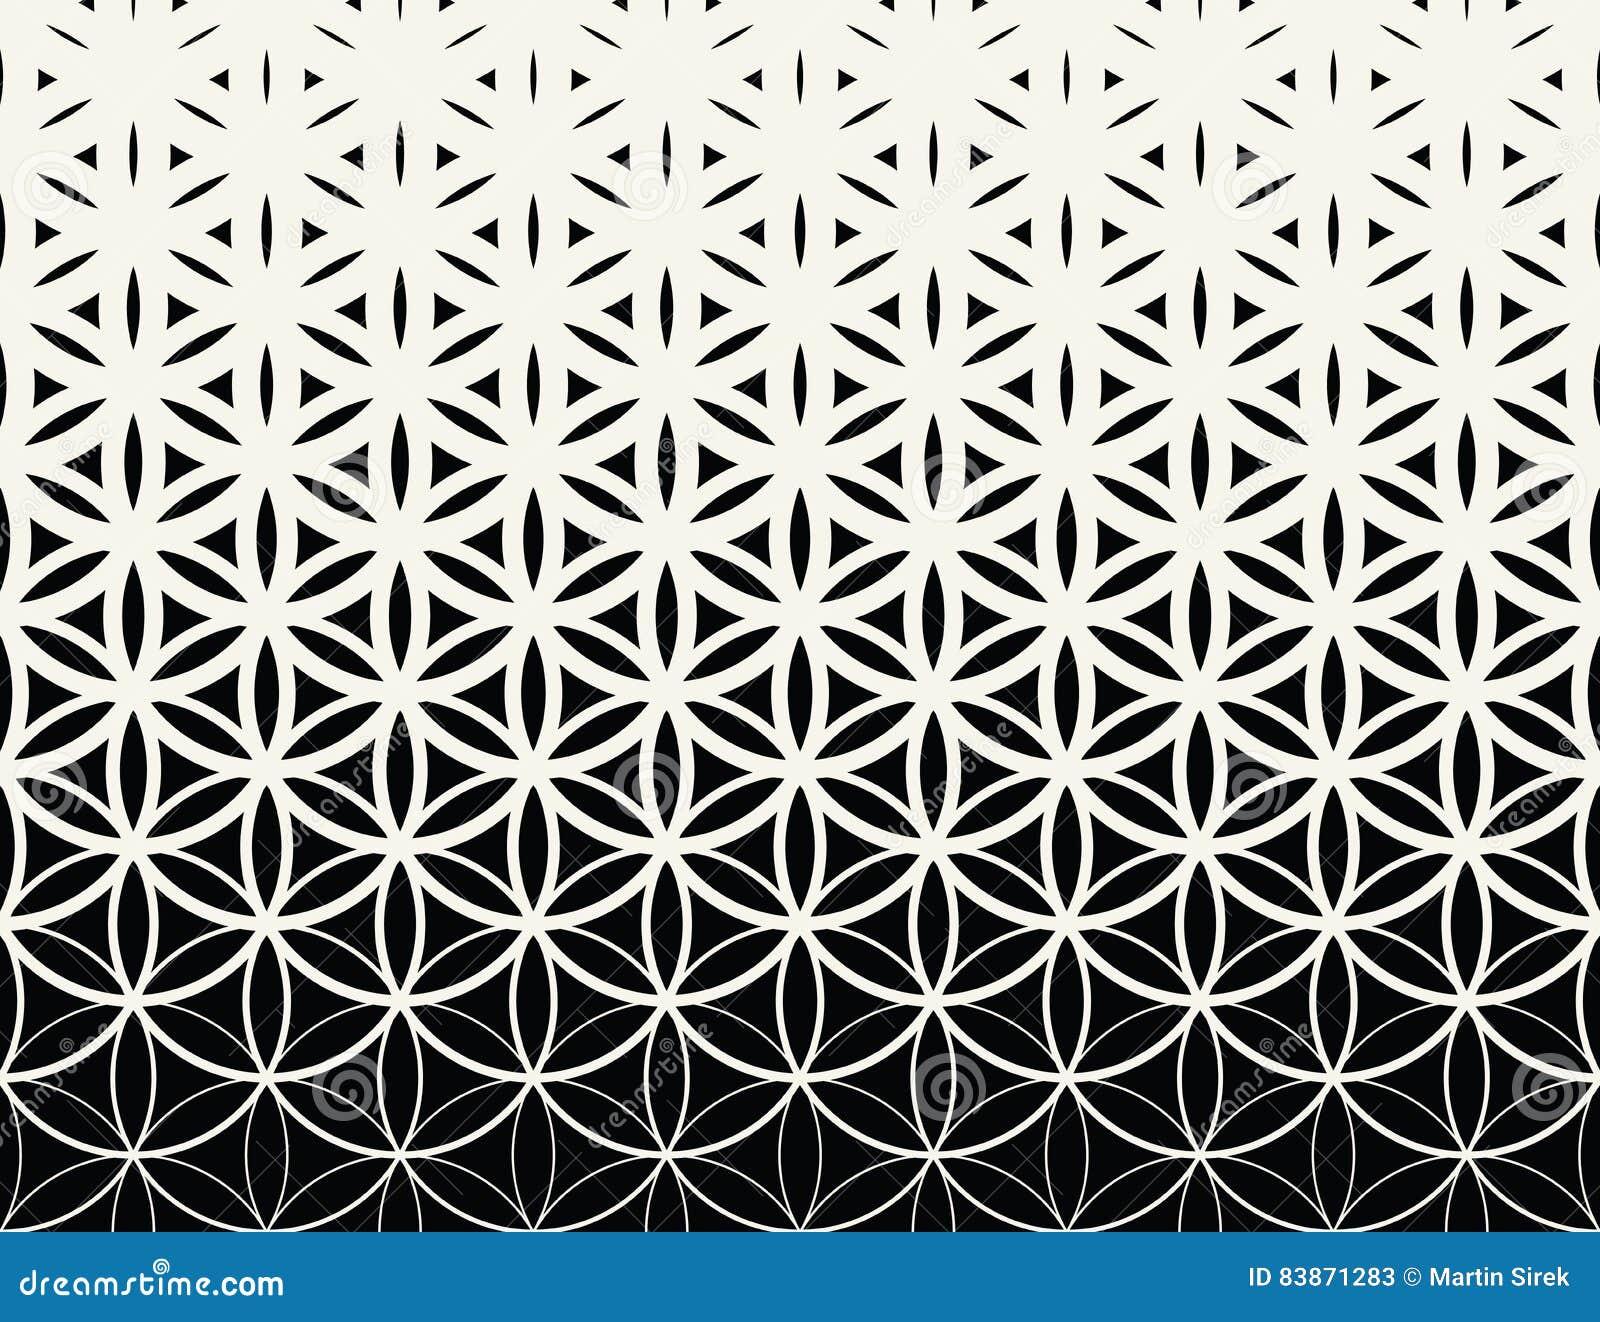 Fiore in bianco e nero di pendenza della geometria sacra astratta del modello del semitono di vita